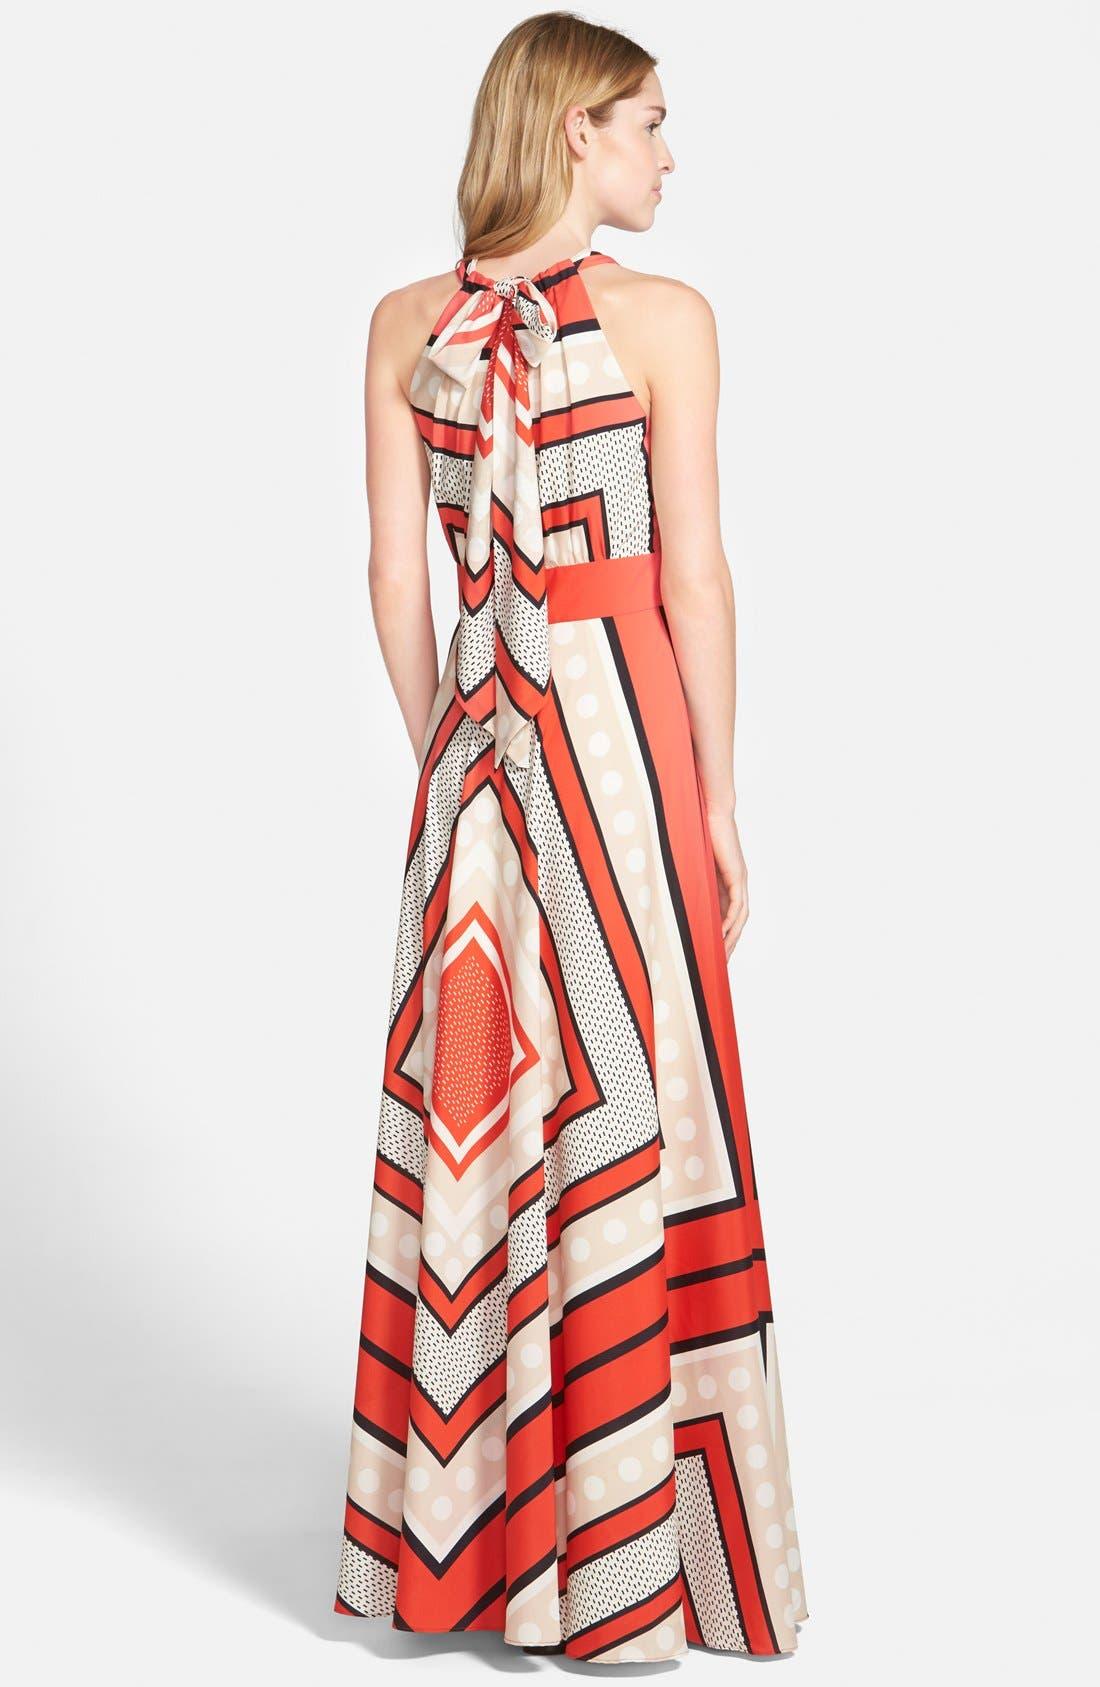 ELIZA J, Scarf Print Crêpe de Chine Fit & Flare Maxi Dress, Alternate thumbnail 13, color, MULTI